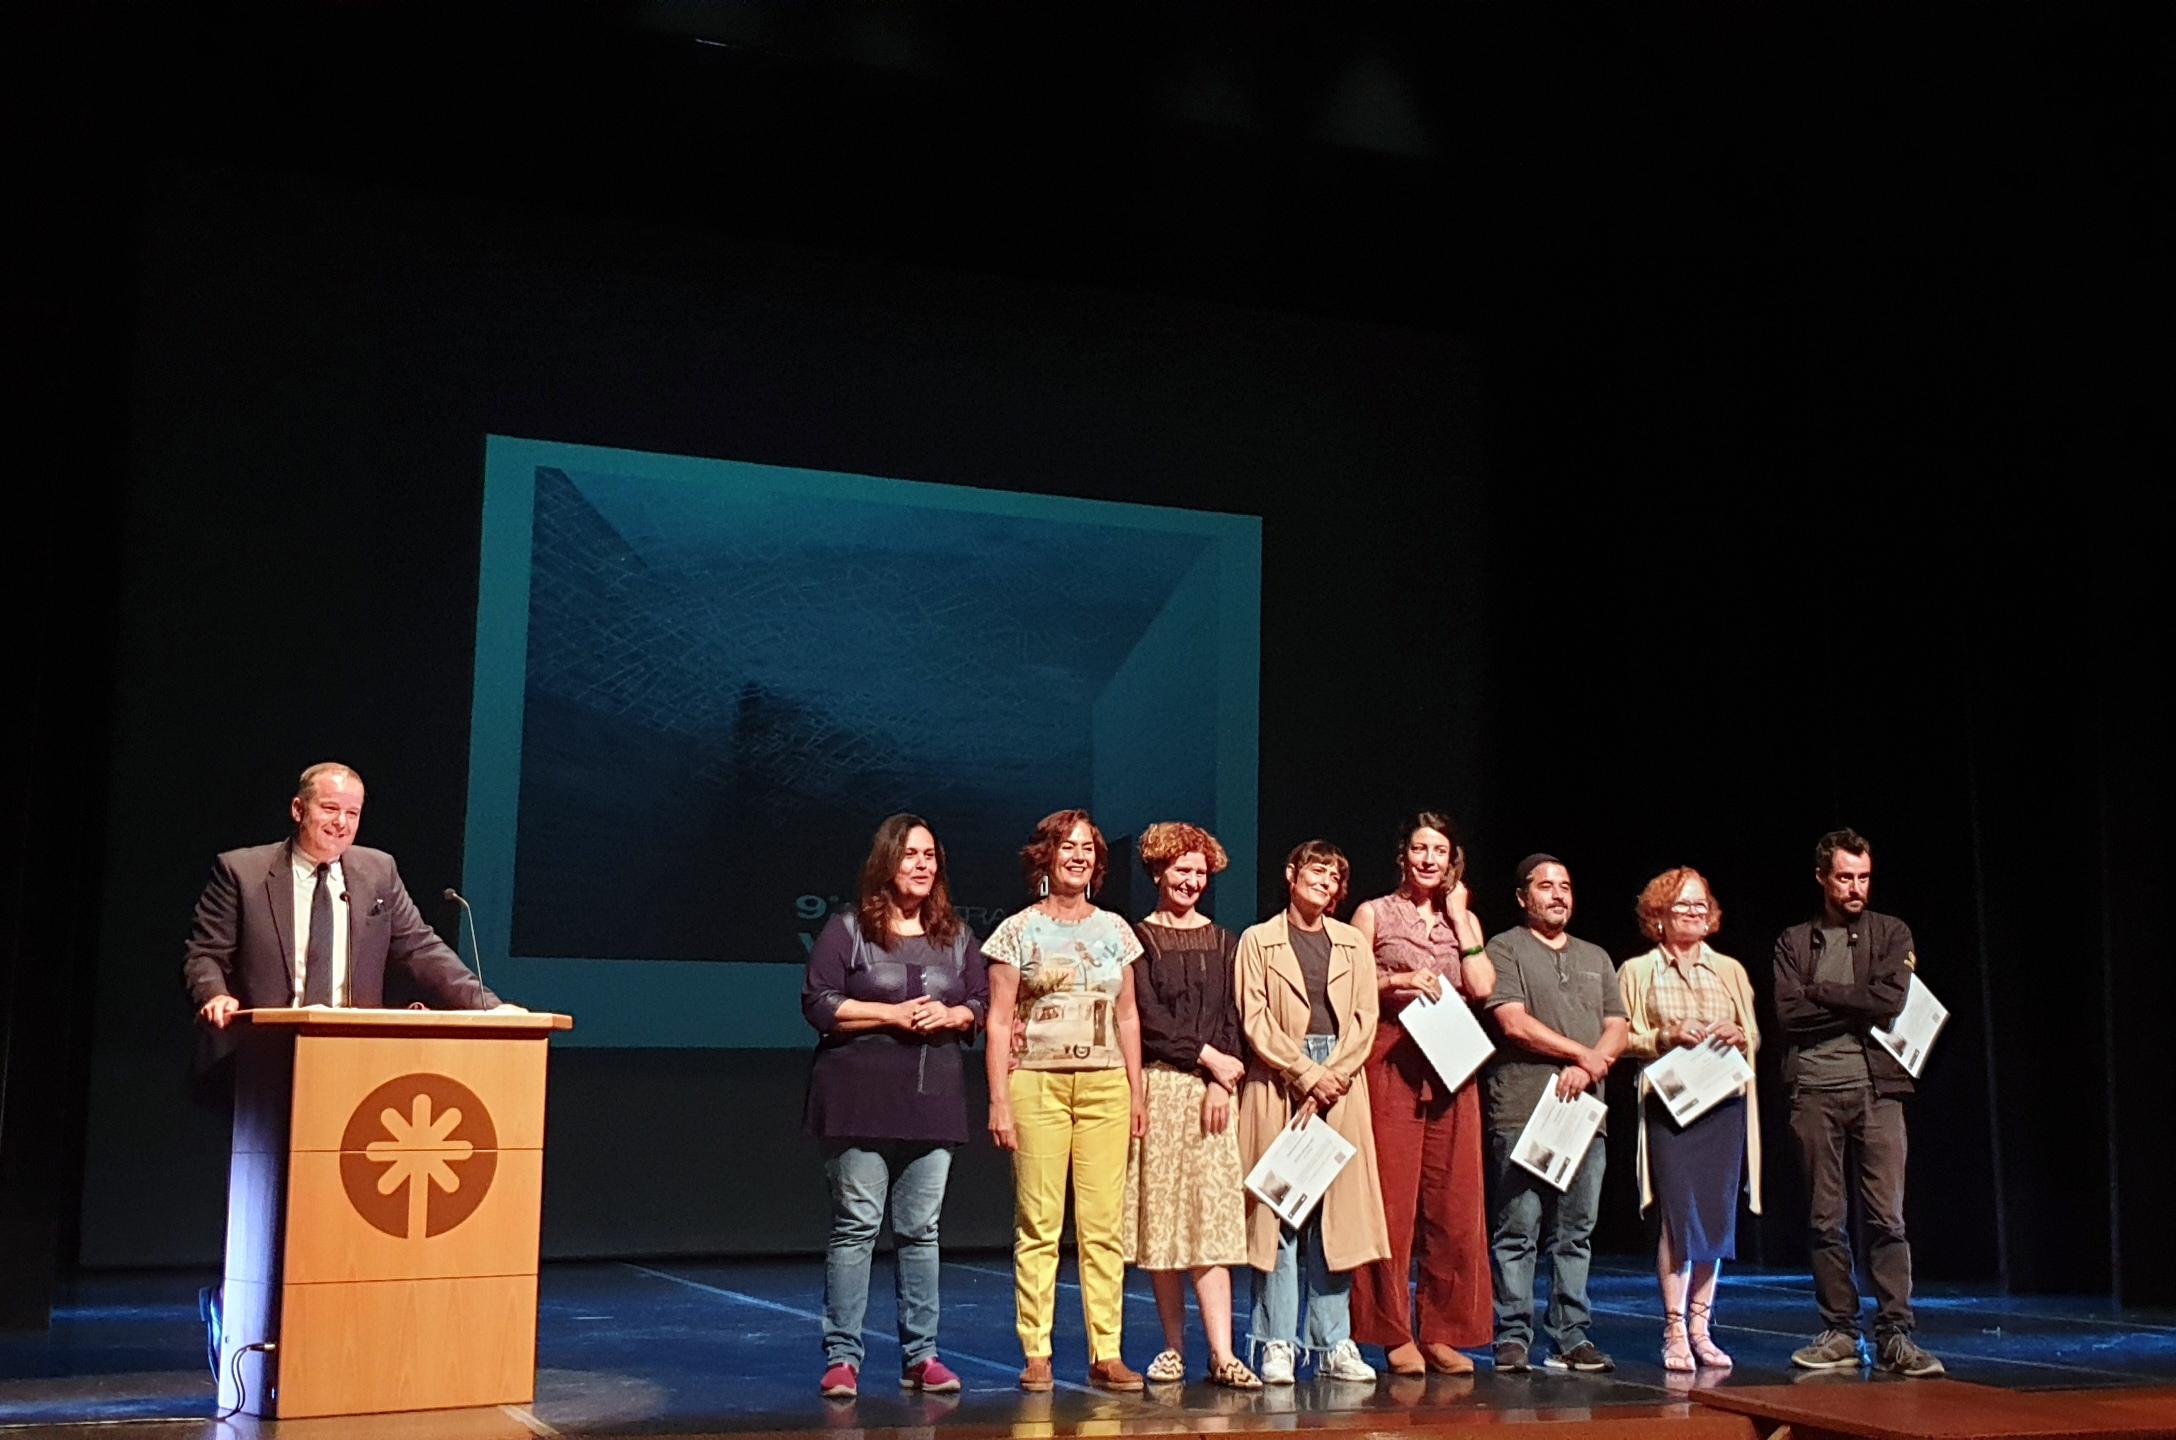 Visionaria 2019. Foto final de familia, con el presentador de la gala, los premiados y premiadas, representante del jurado y la presidenta de la Asociación.